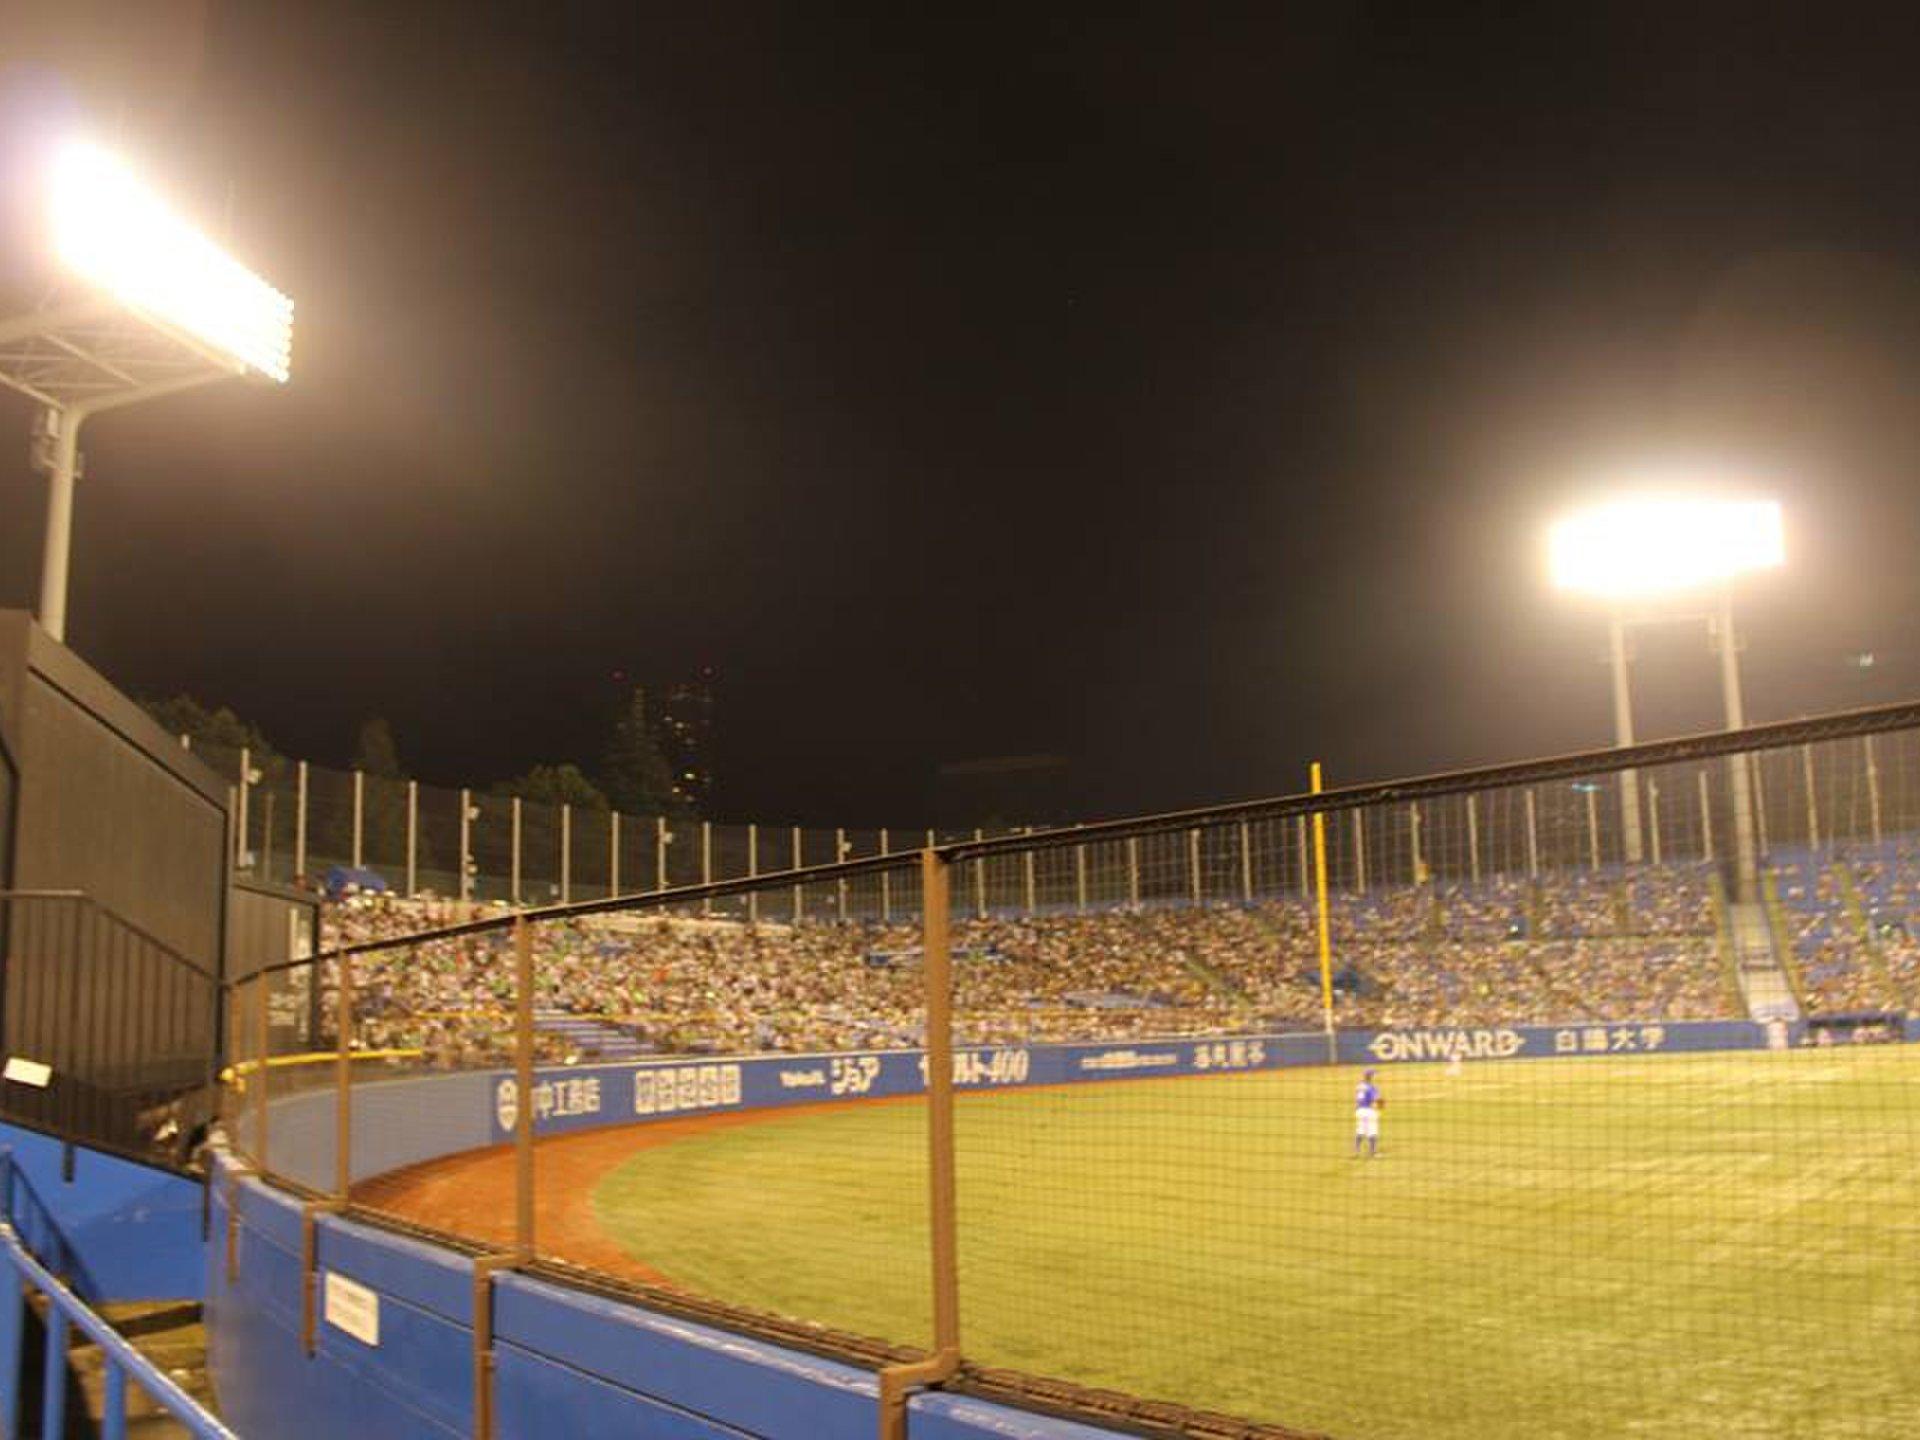 野球好きカップルにおすすめ!神宮球場で楽しむ野球観戦デートプラン♪試合前はバッティングセンターで!